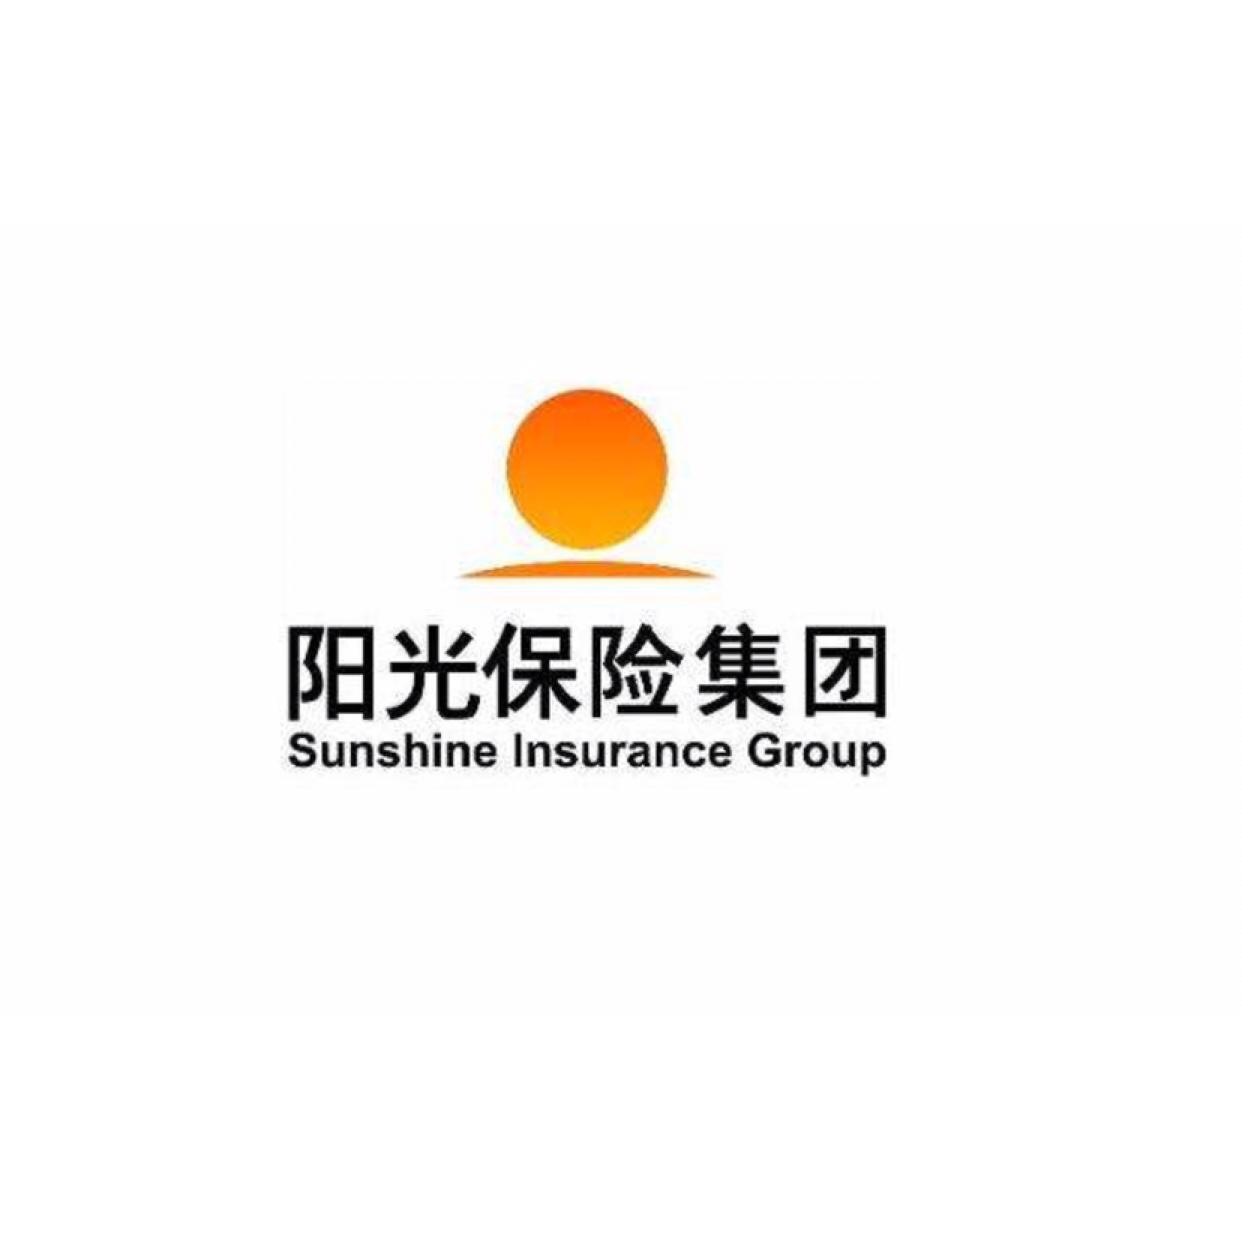 陽光人壽保險股份有限公司佛山市高明支公司